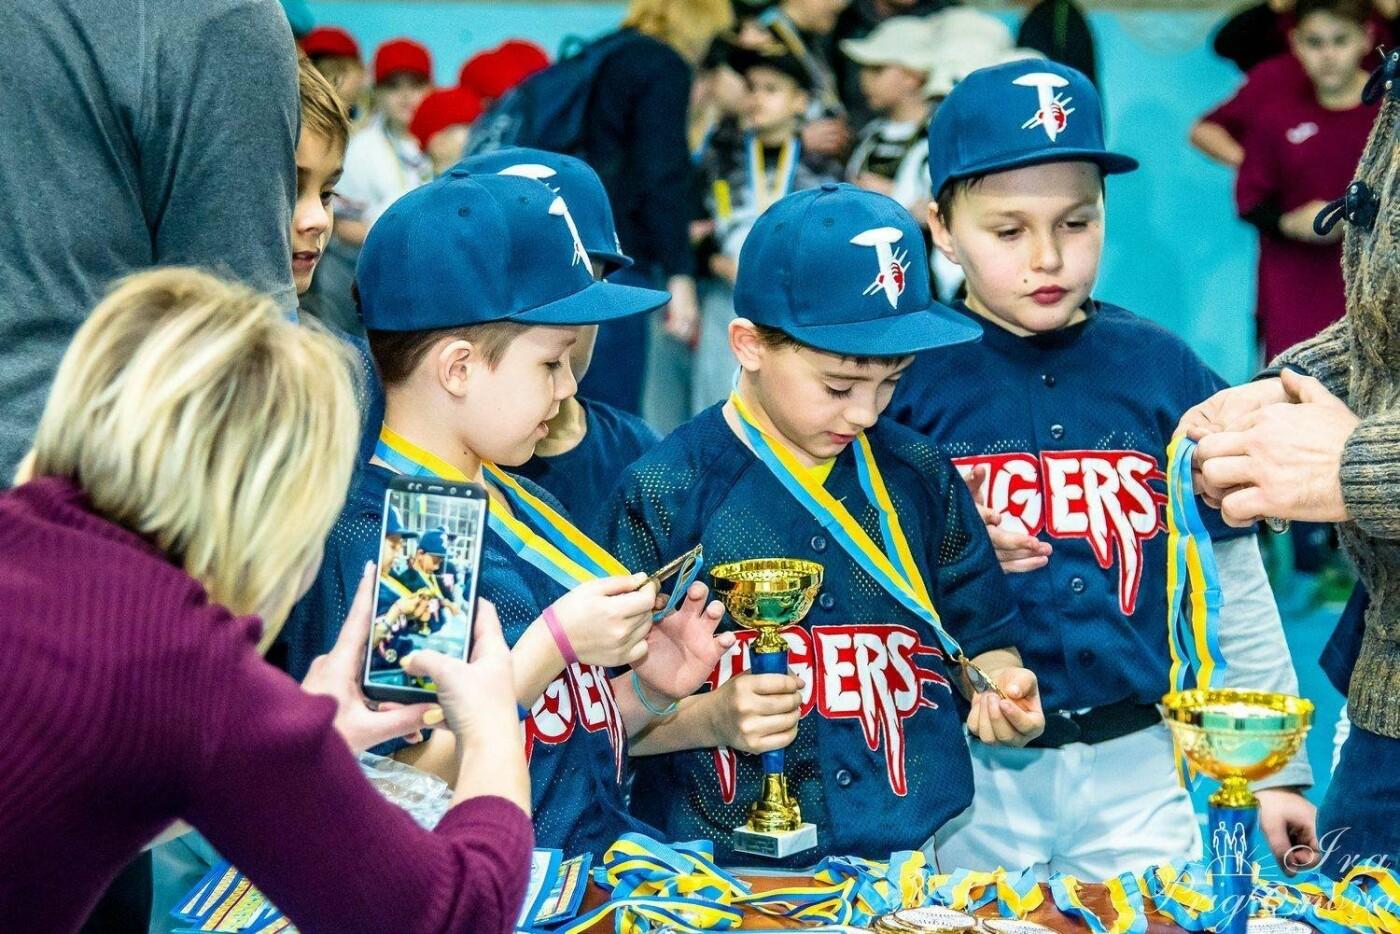 В Черноморске впервые прошел Чемпионат по бейсболу в закрытом помещении , фото-3